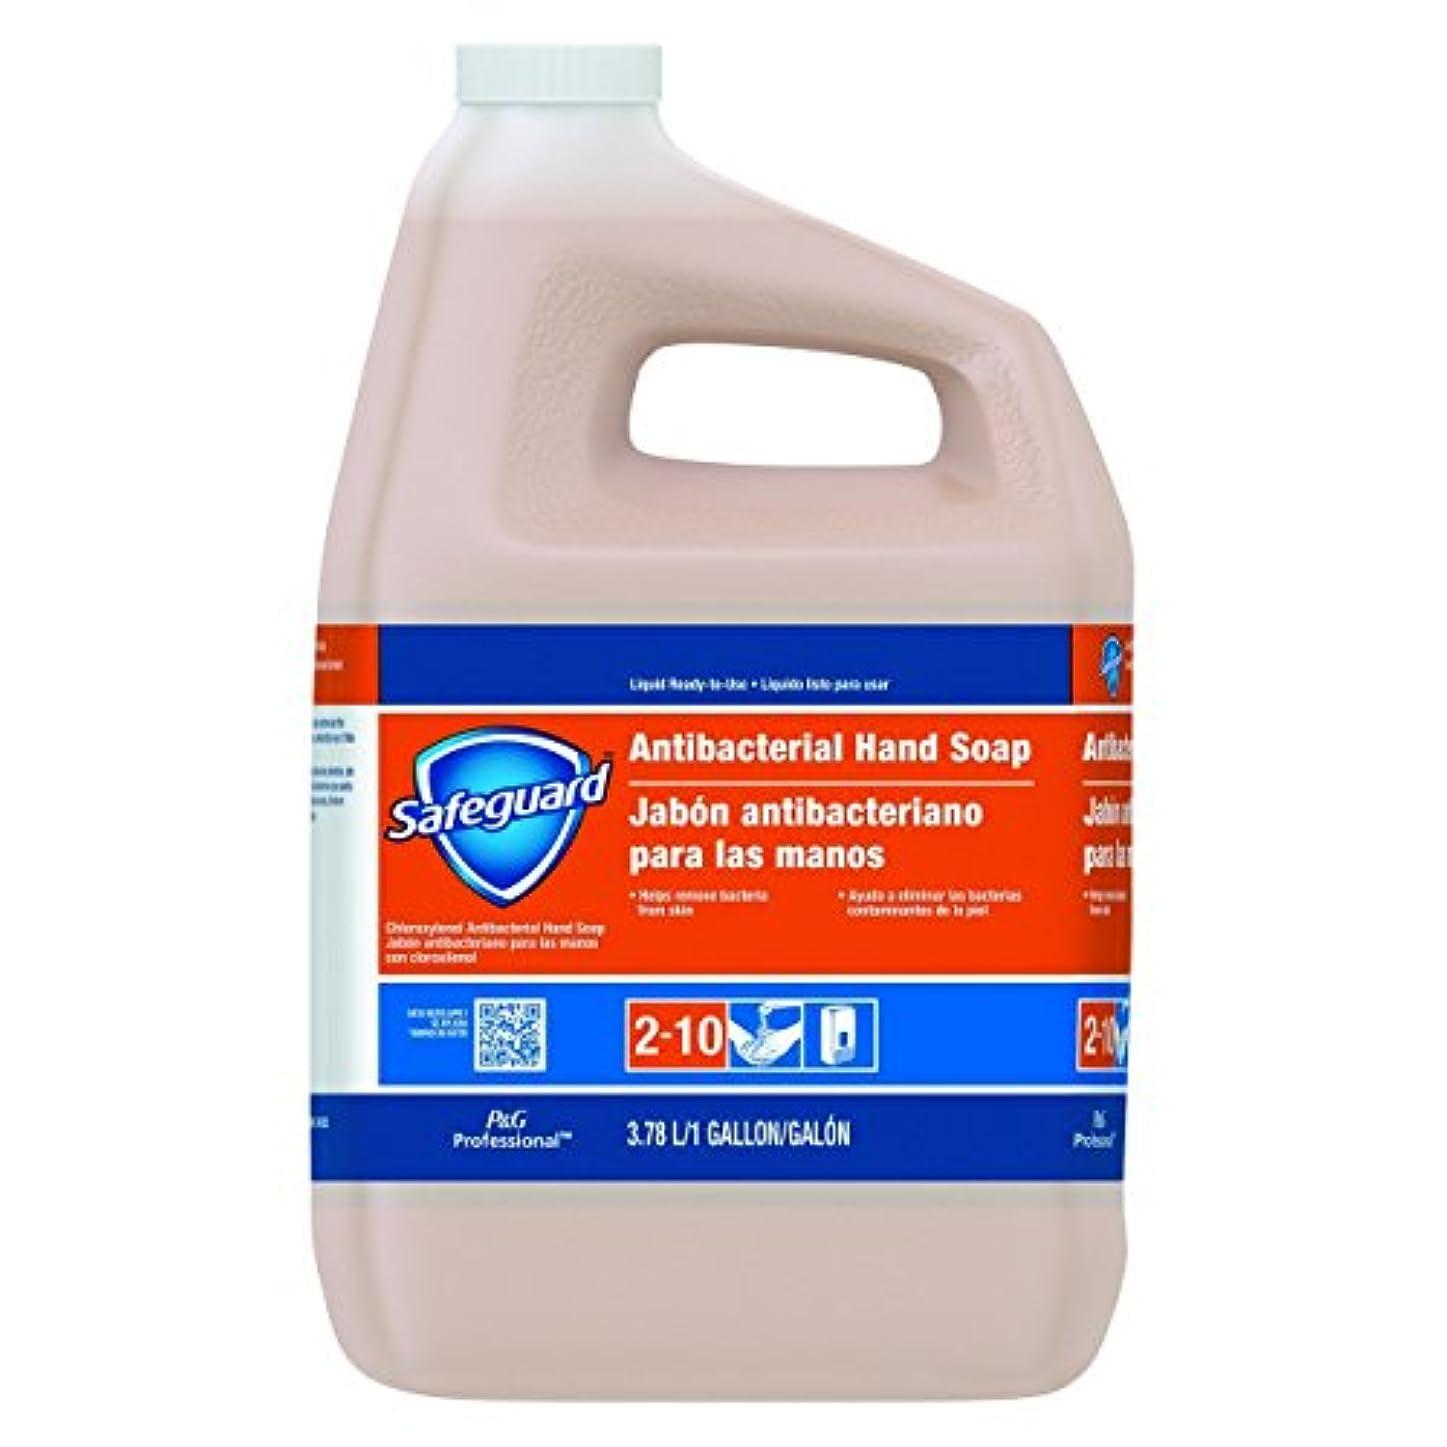 摩擦無限レバーSafeguard抗菌Liquid Hand Soap , 1 galボトル、2 /カートン